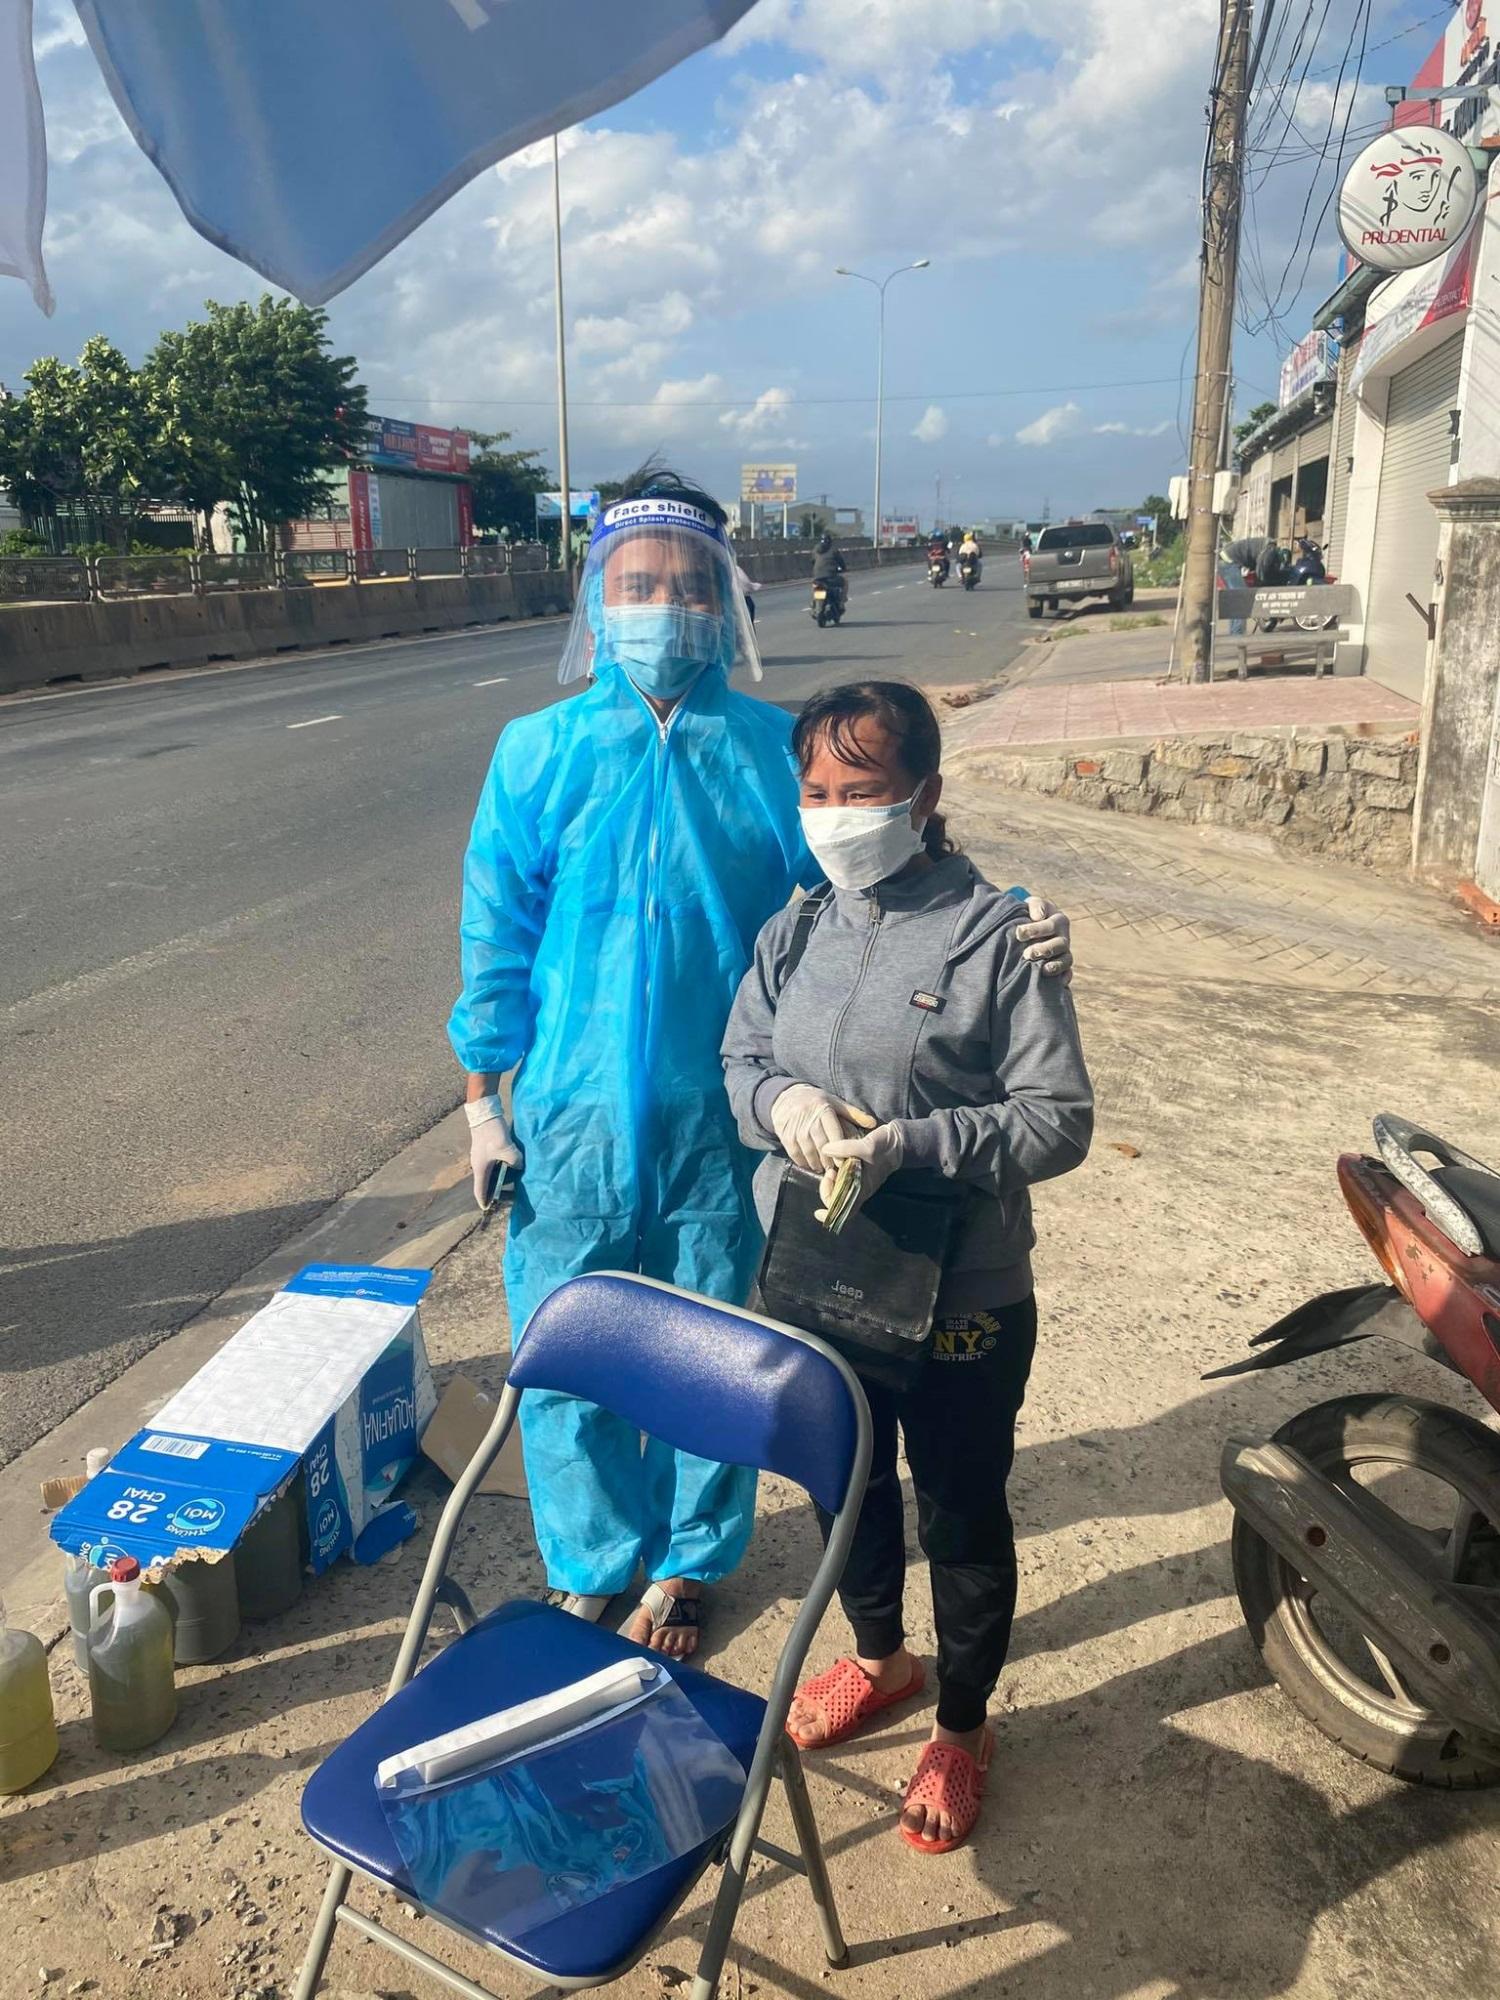 Bất ngờ danh tính người phụ nữ 'thơm thảo' mang dép lê, ôm cọc tiền phát cho bà con đi xe máy về quê tránh dịch - Ảnh 2